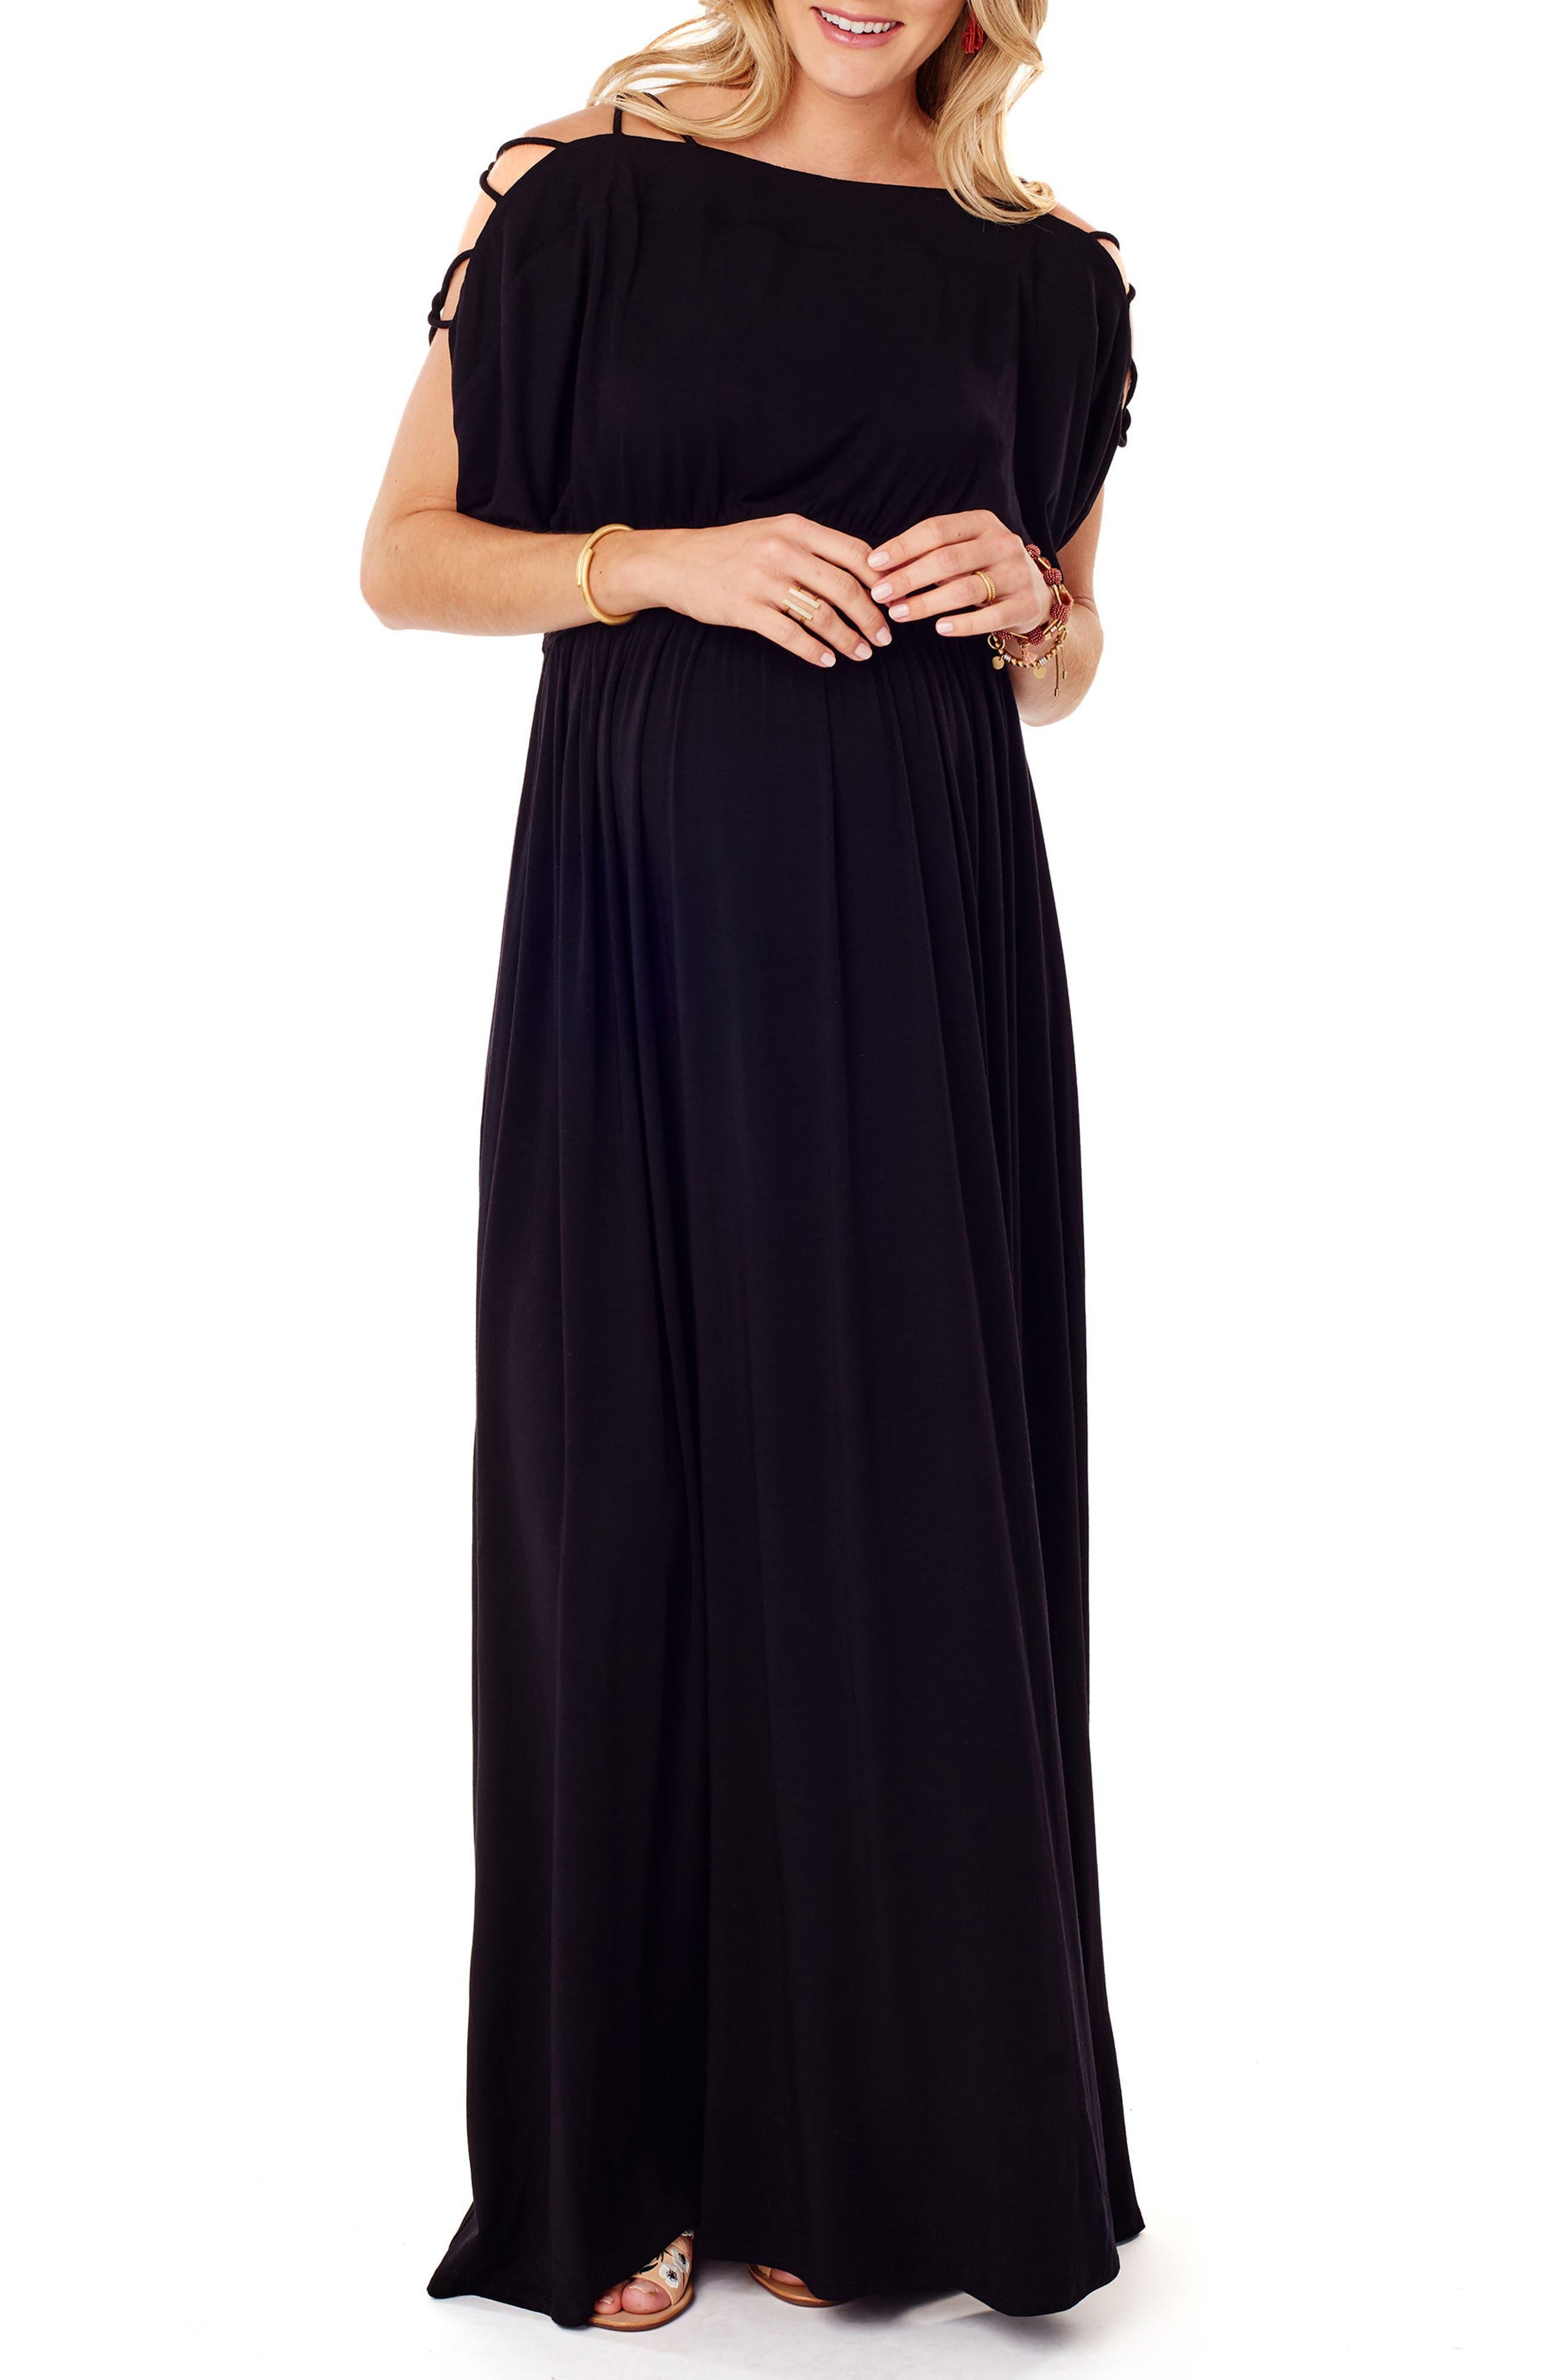 Ingrid & Isabel® Smocked Empire Waist Maternity Maxi Dress